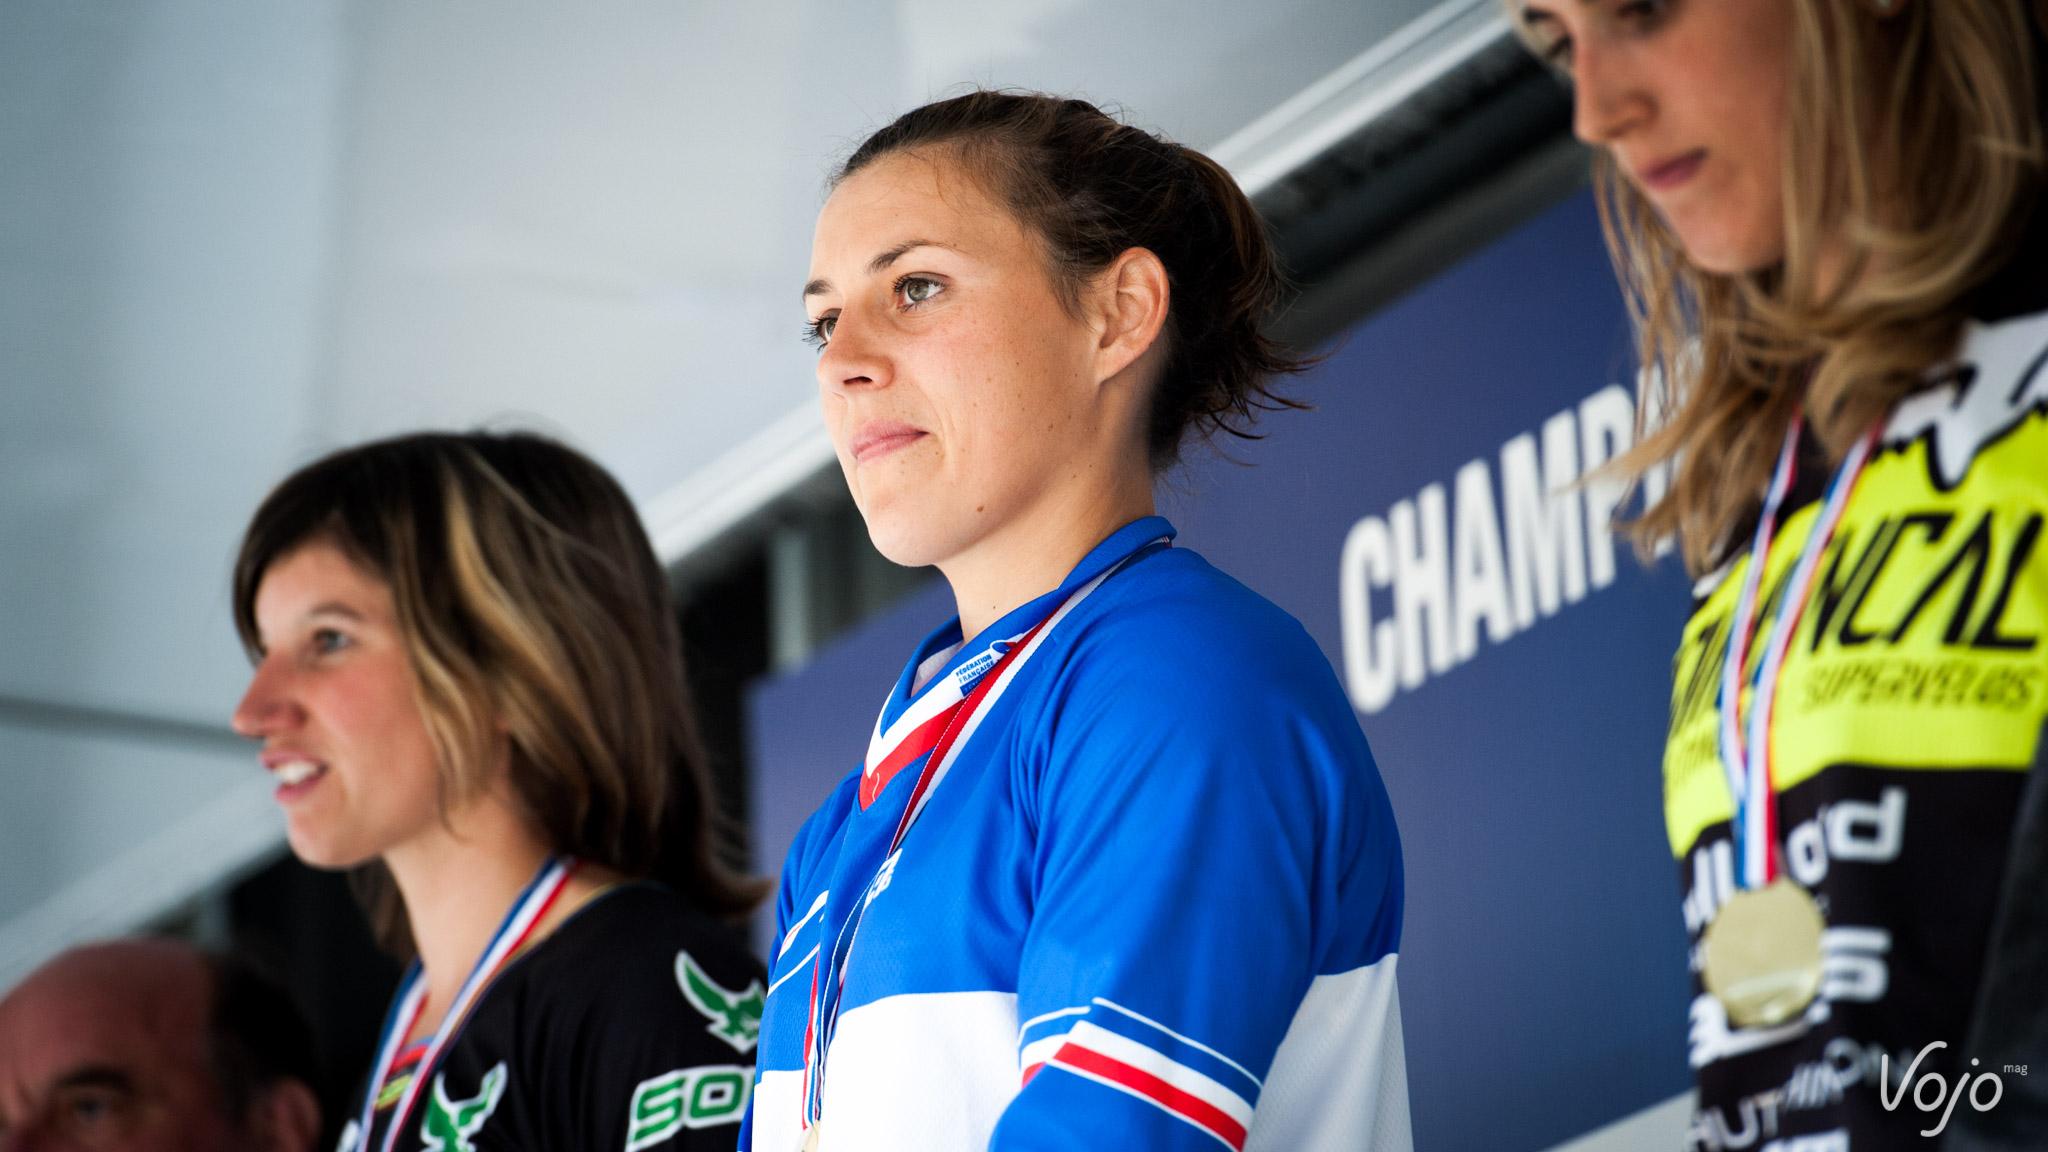 Championnats-de-france-2015-Oz-DH-finale-94